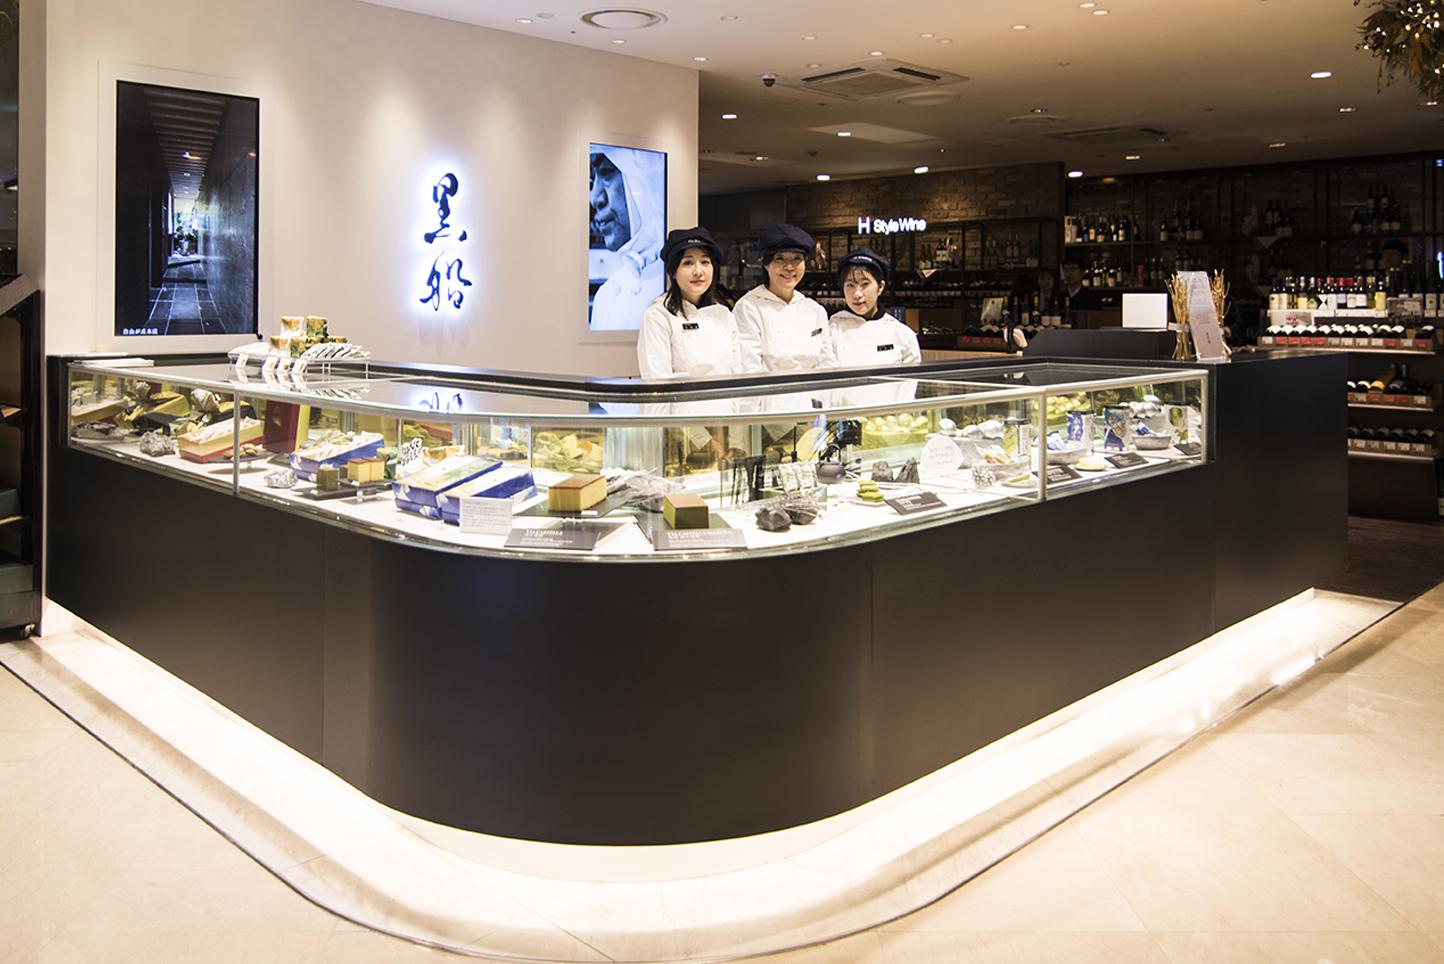 韓国 ソウル 現代百貨店 狎鴎亭店